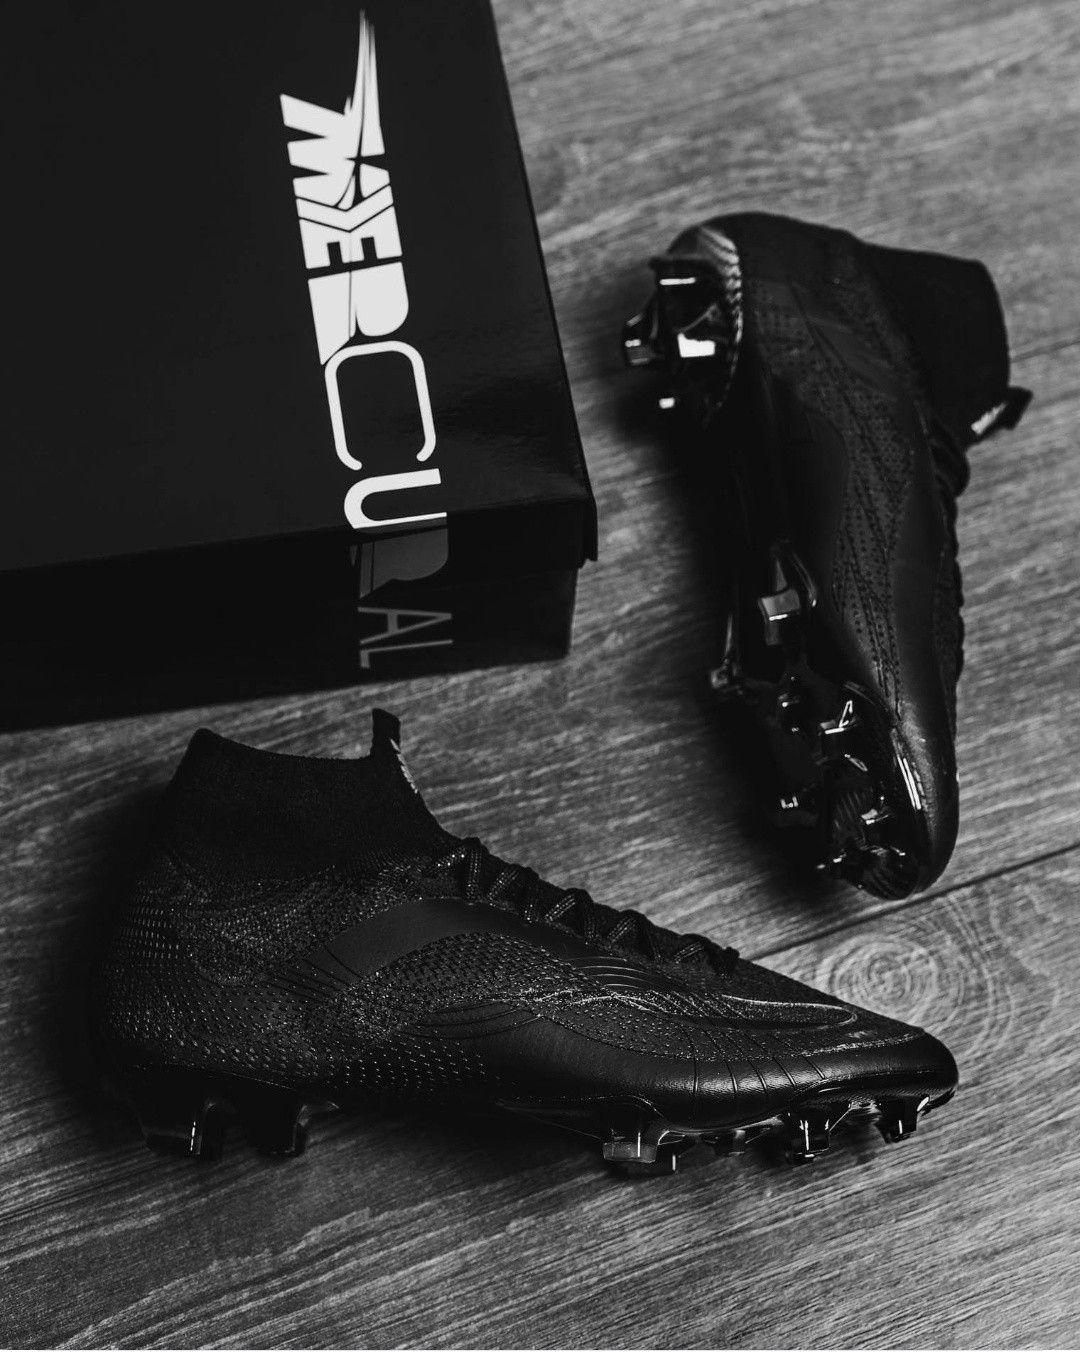 Pin de Elsy itzelh en Futbol | Zapatos de fútbol nike